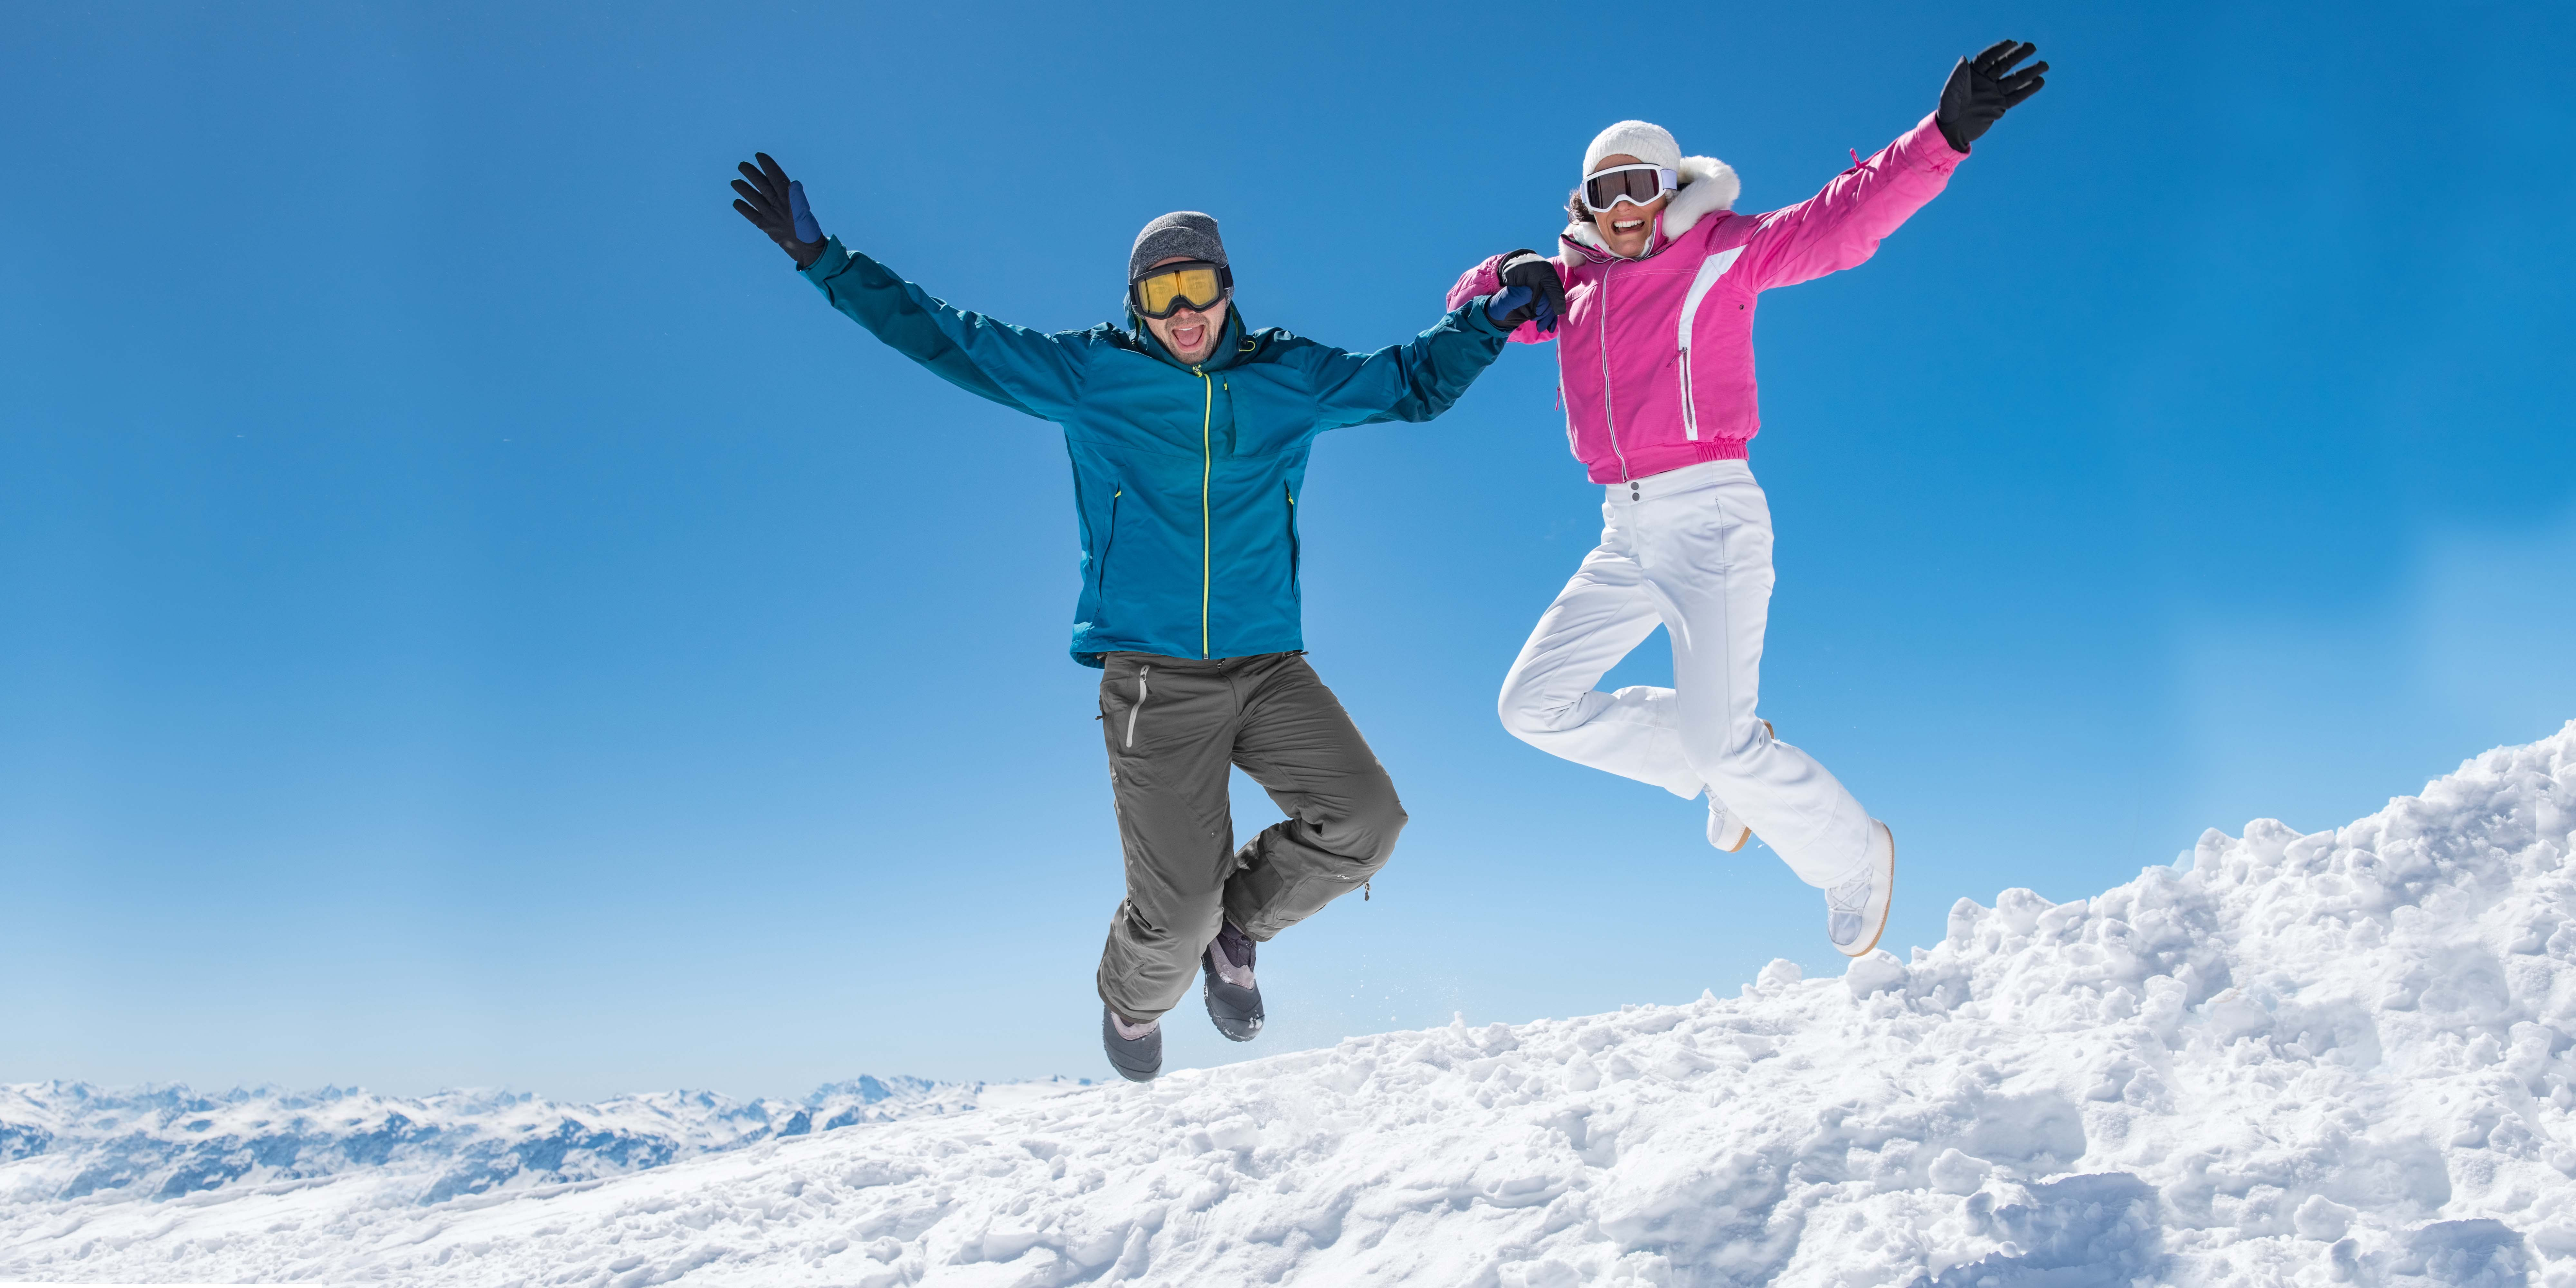 La temporada de esquí ya está aquí